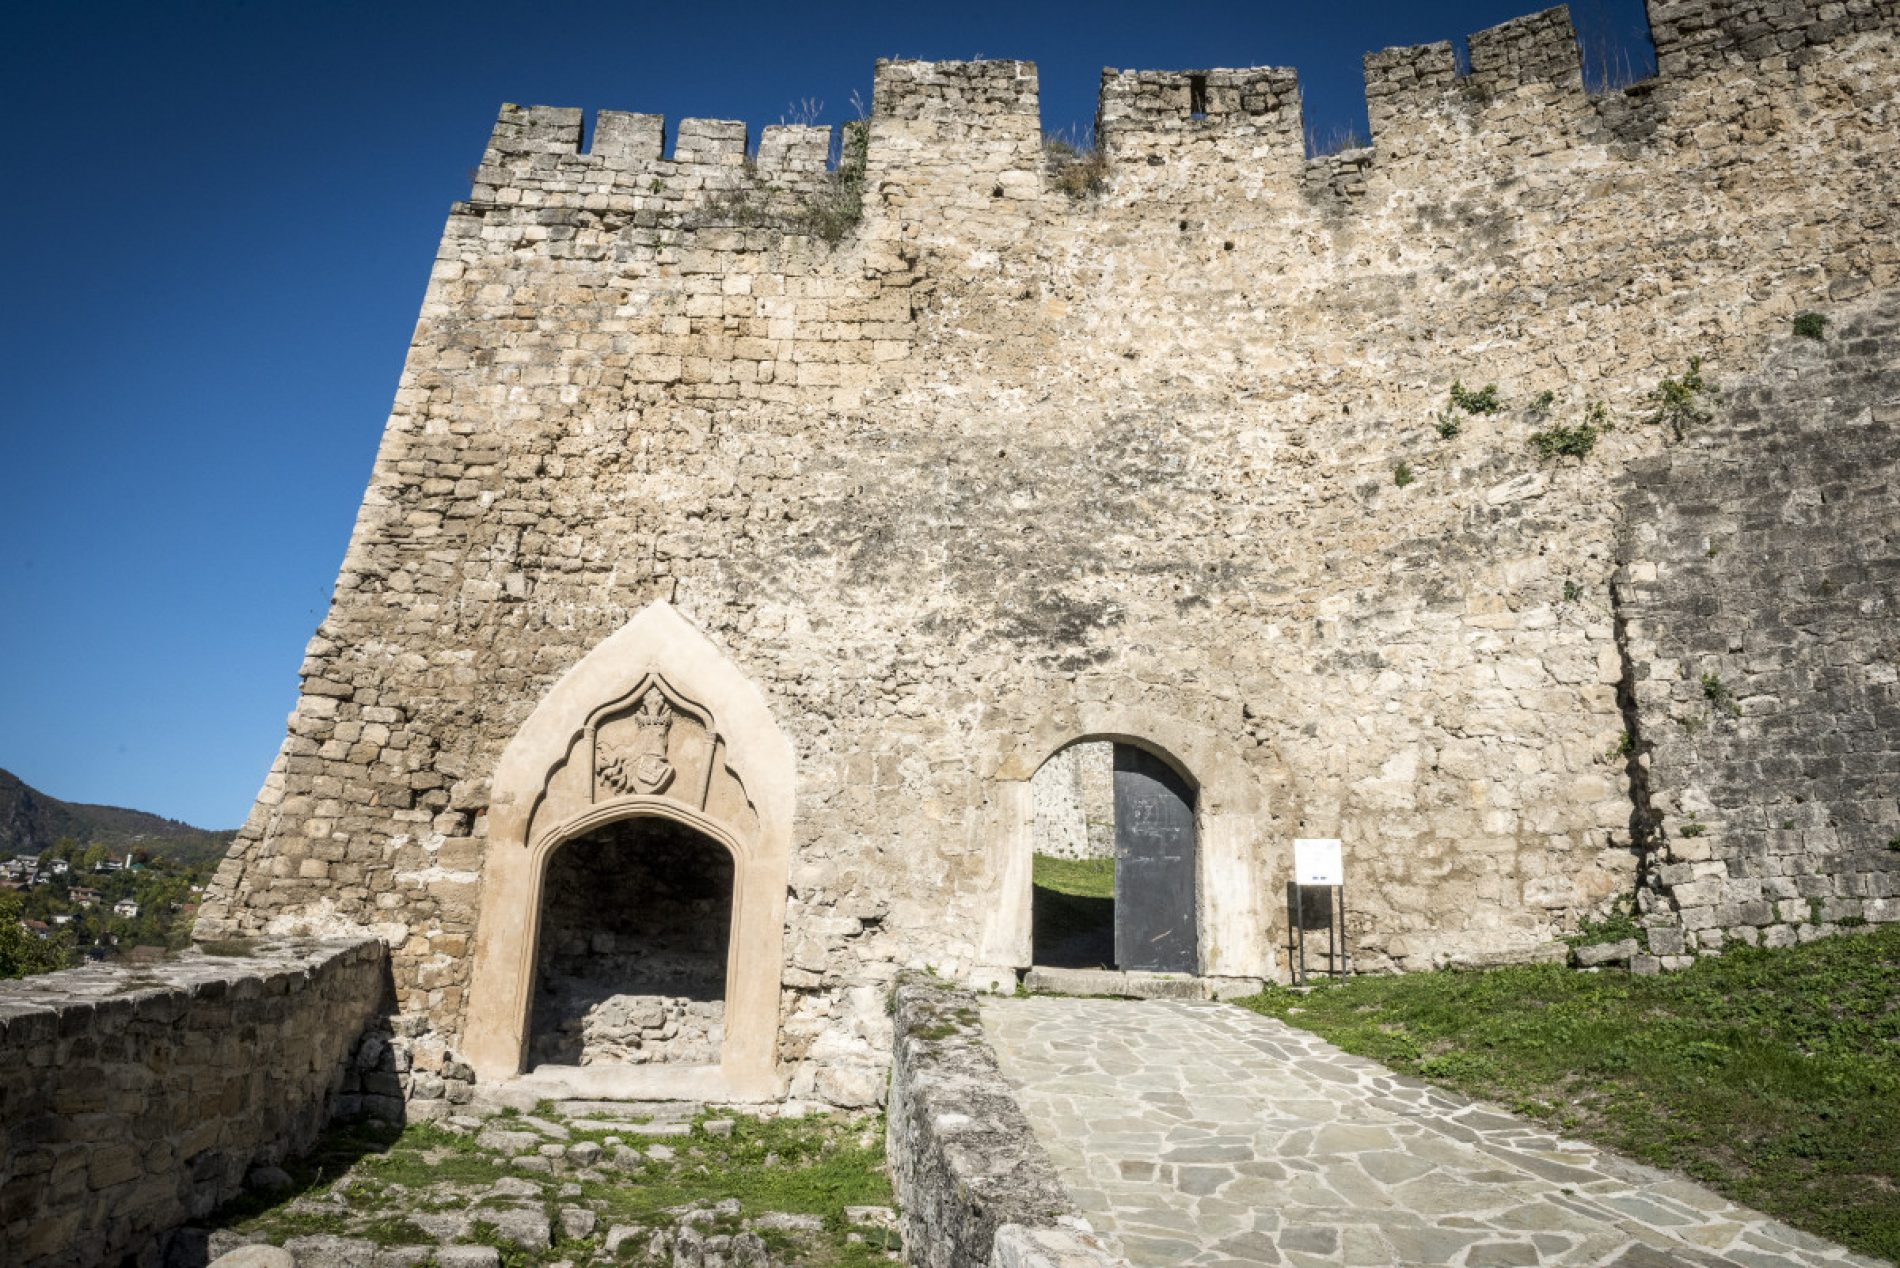 Tragovima Bosanskog kraljevstva: Svjedoci moćne srednjovjekovne države (FOTO)